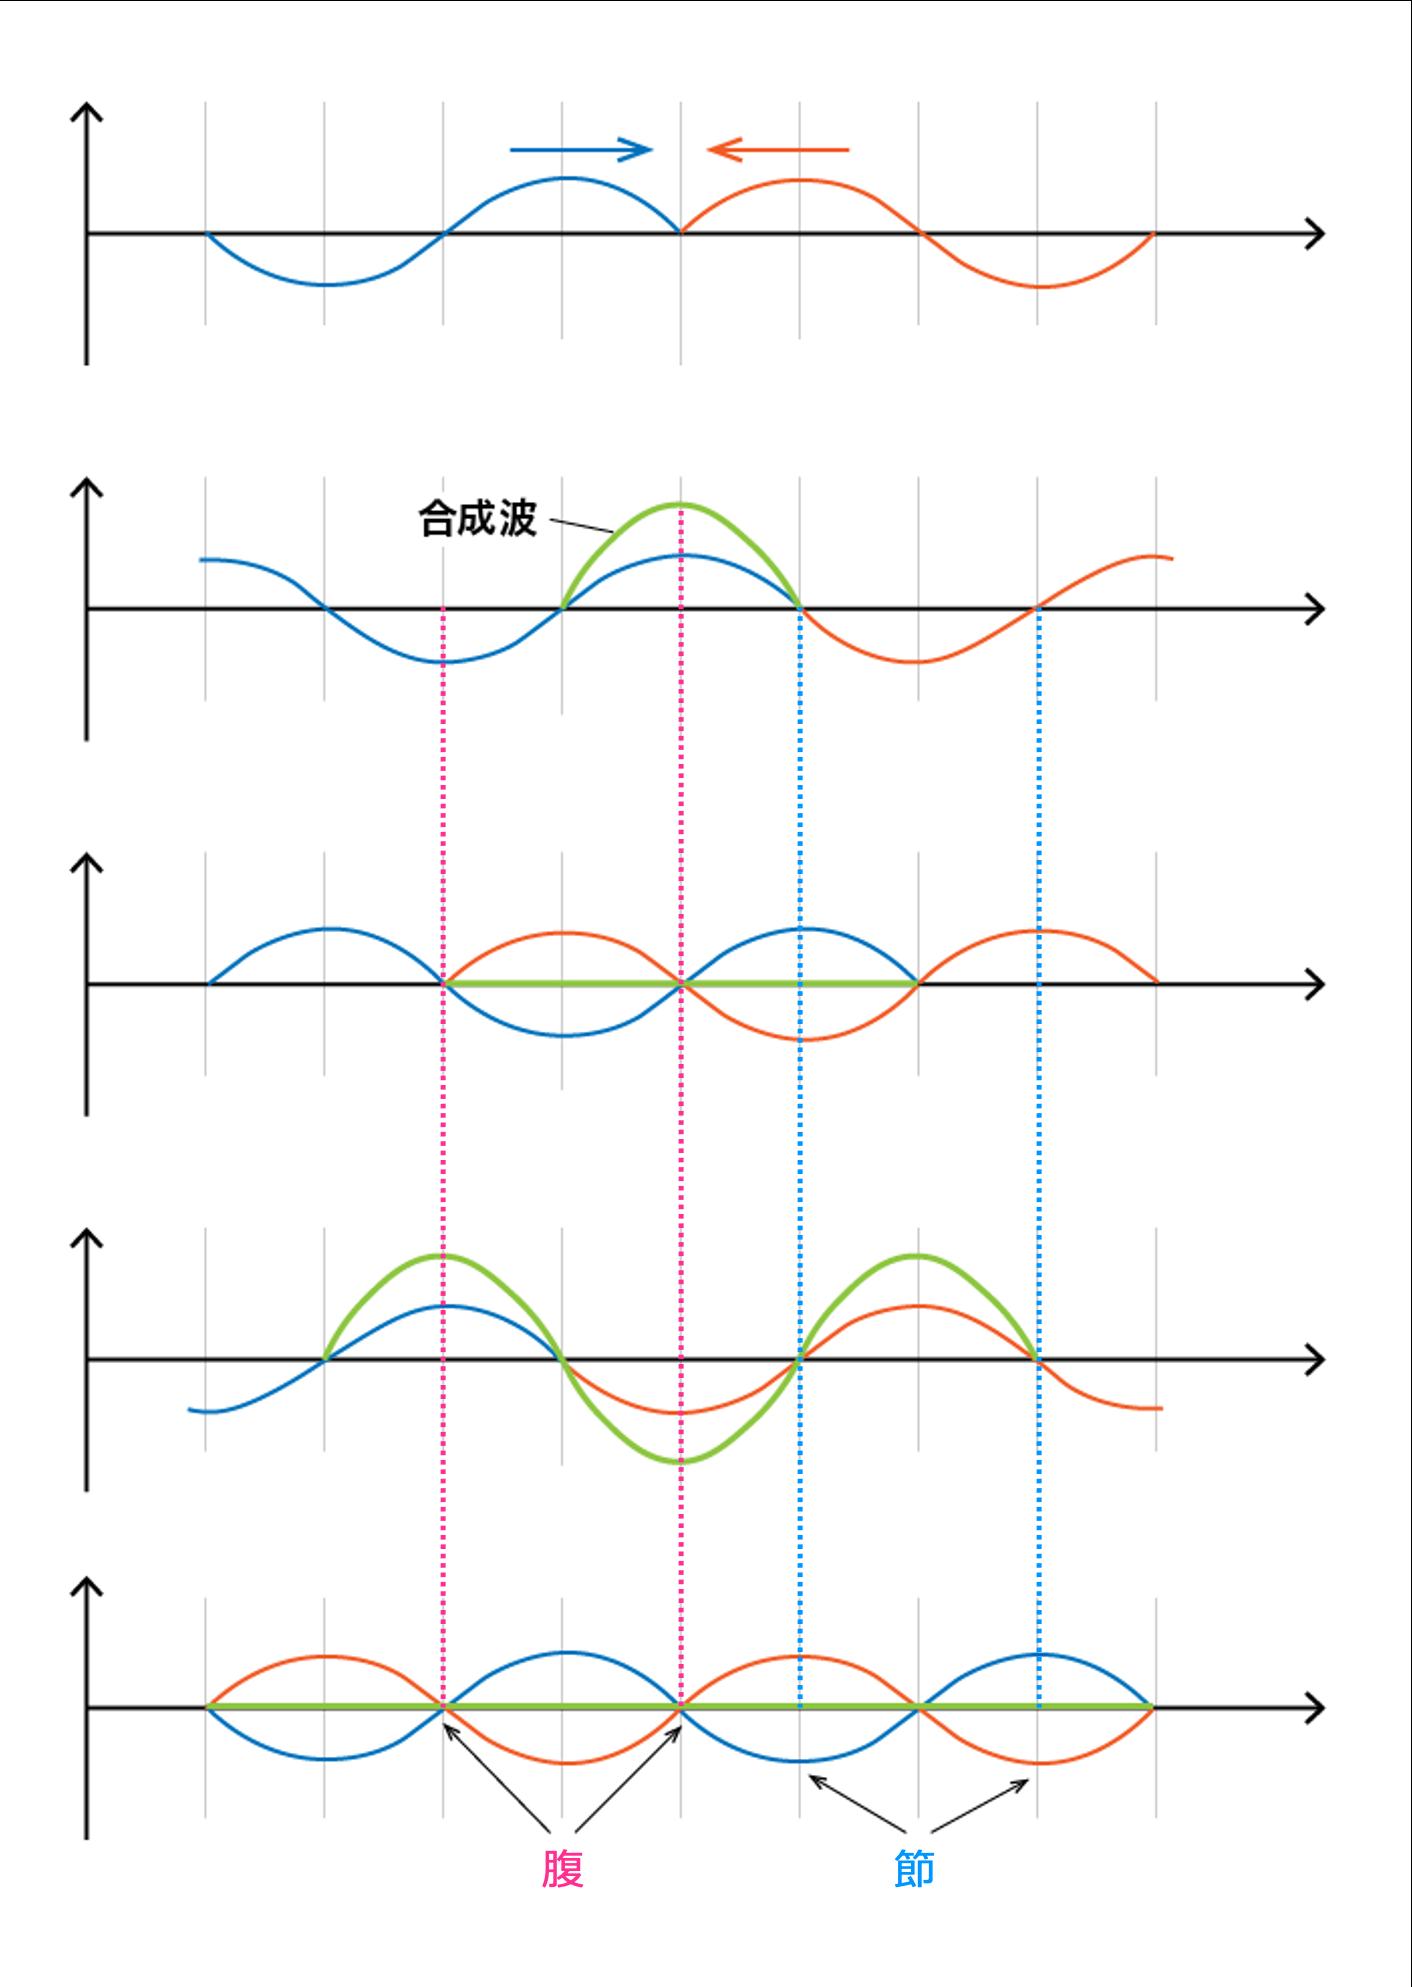 定常波の様子を説明した図です。